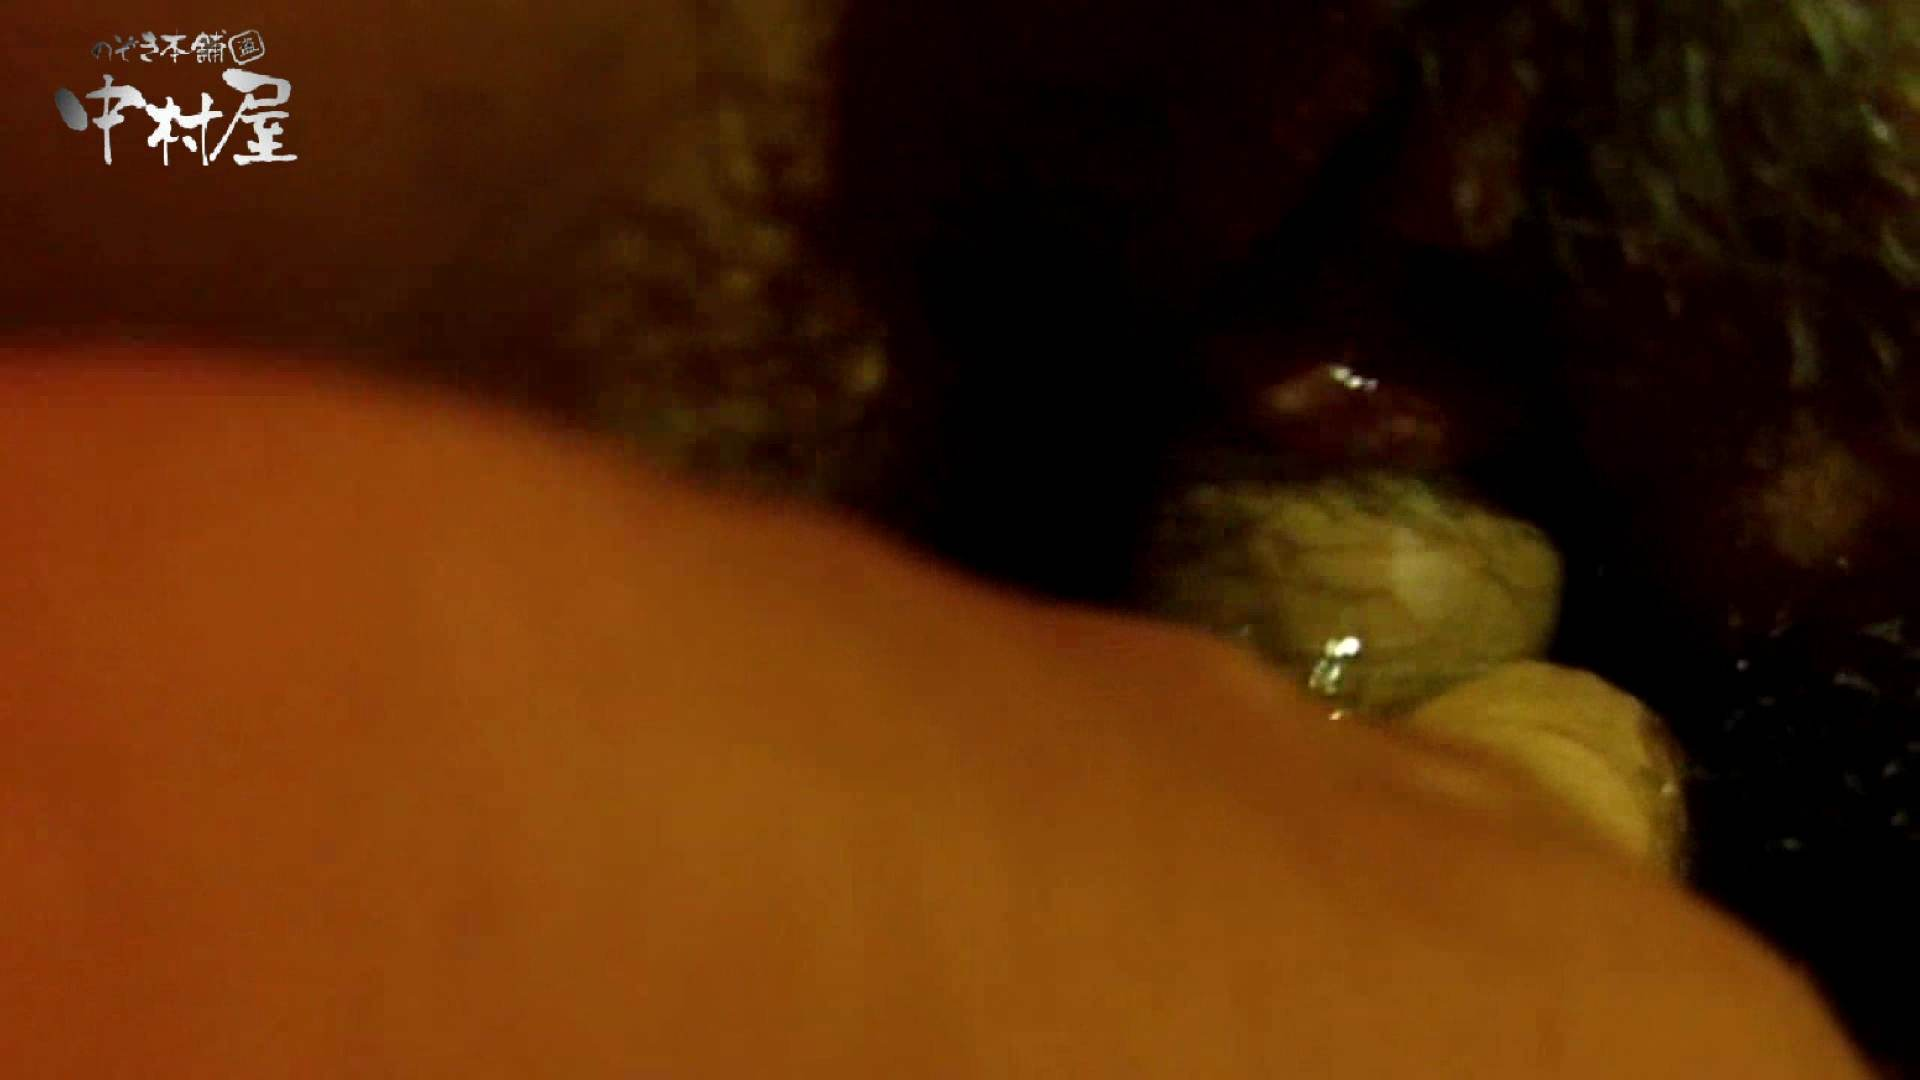 欲望 リアルドール Case.09 Mちゃん19歳 巨乳ギャル 巨乳 のぞき動画画像 75pic 14